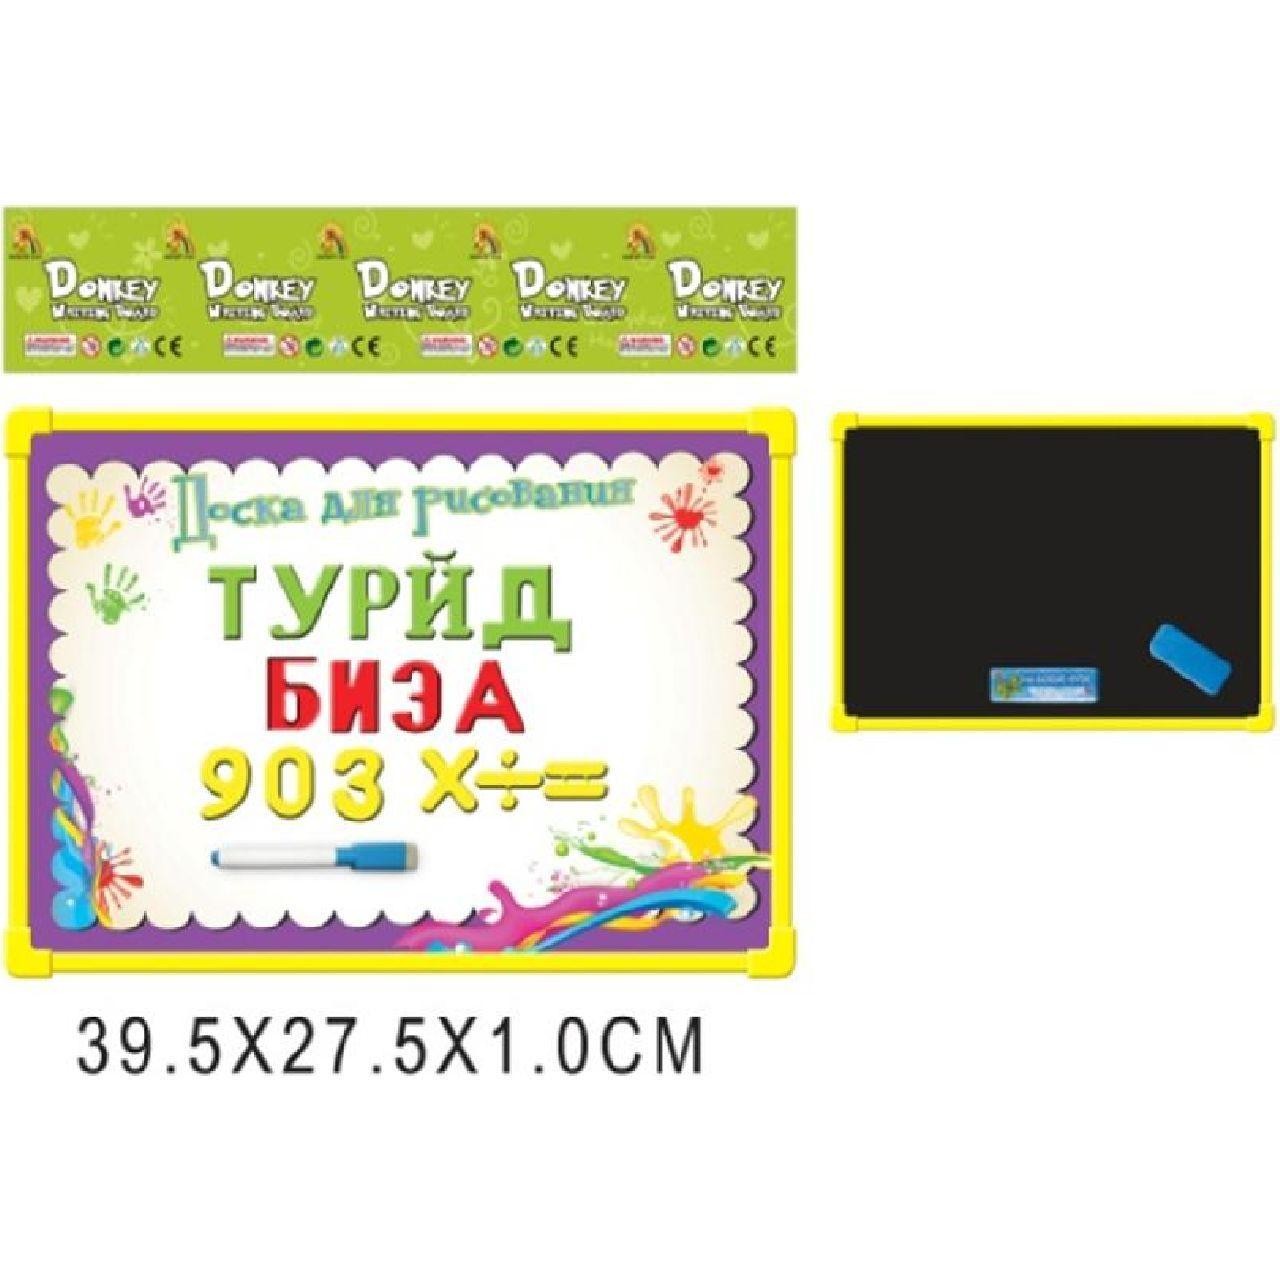 Доска магнит R7113-1+63 символа ,двухстор 39,5*27,5*1см - BGToys в Одессе